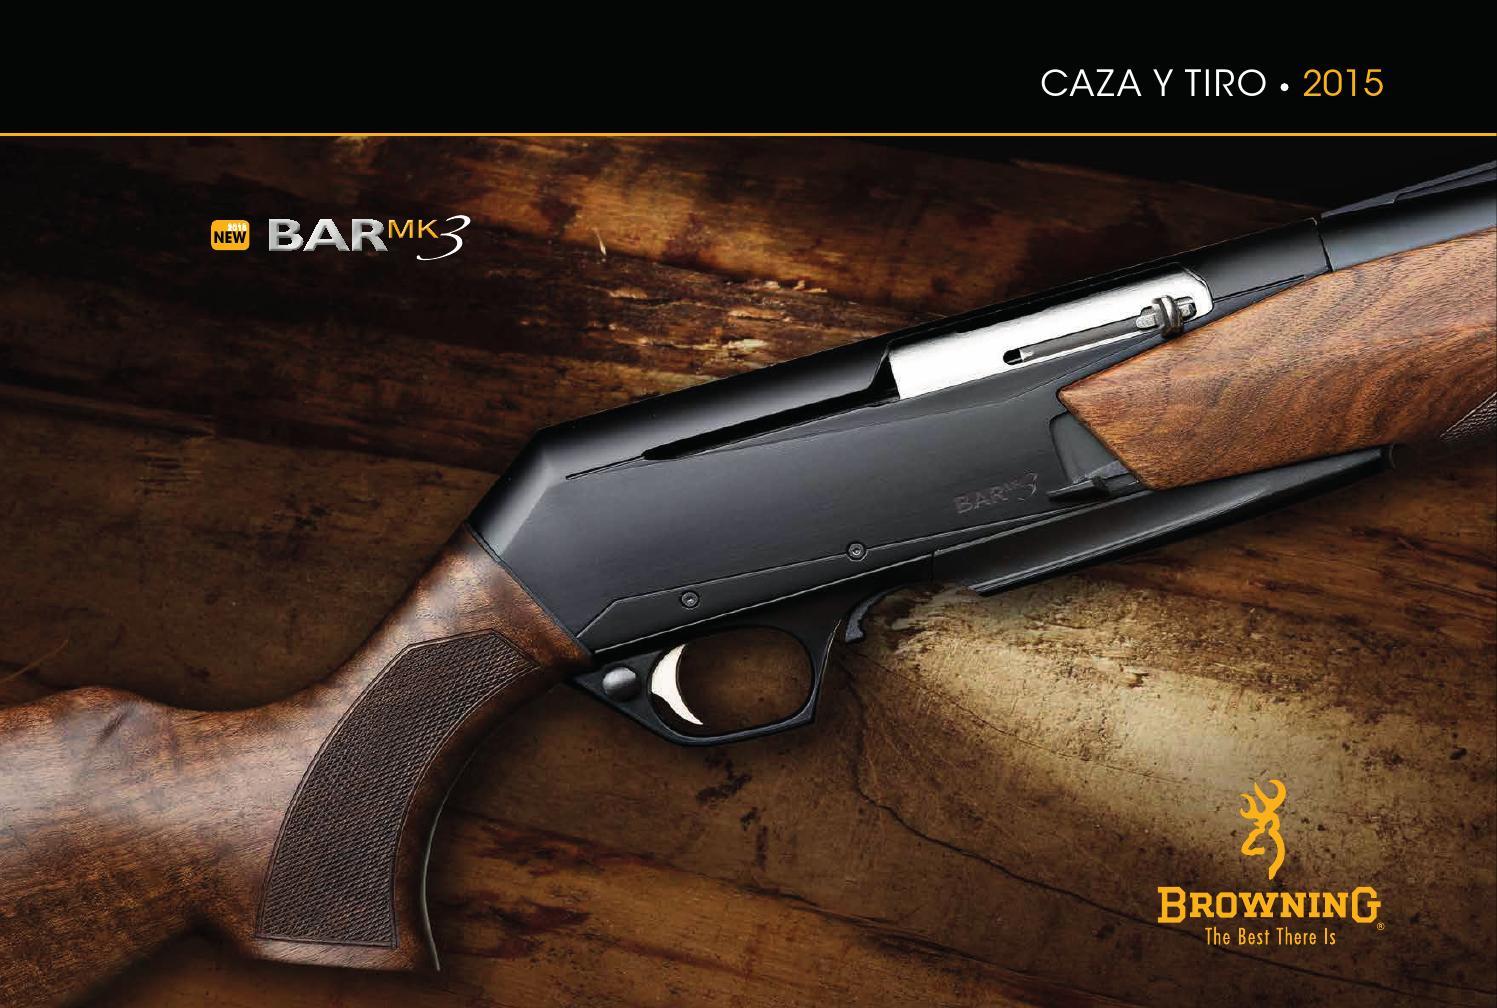 7953a2de7f394 Catalogo browning 2015 by Oscar Oscar - issuu